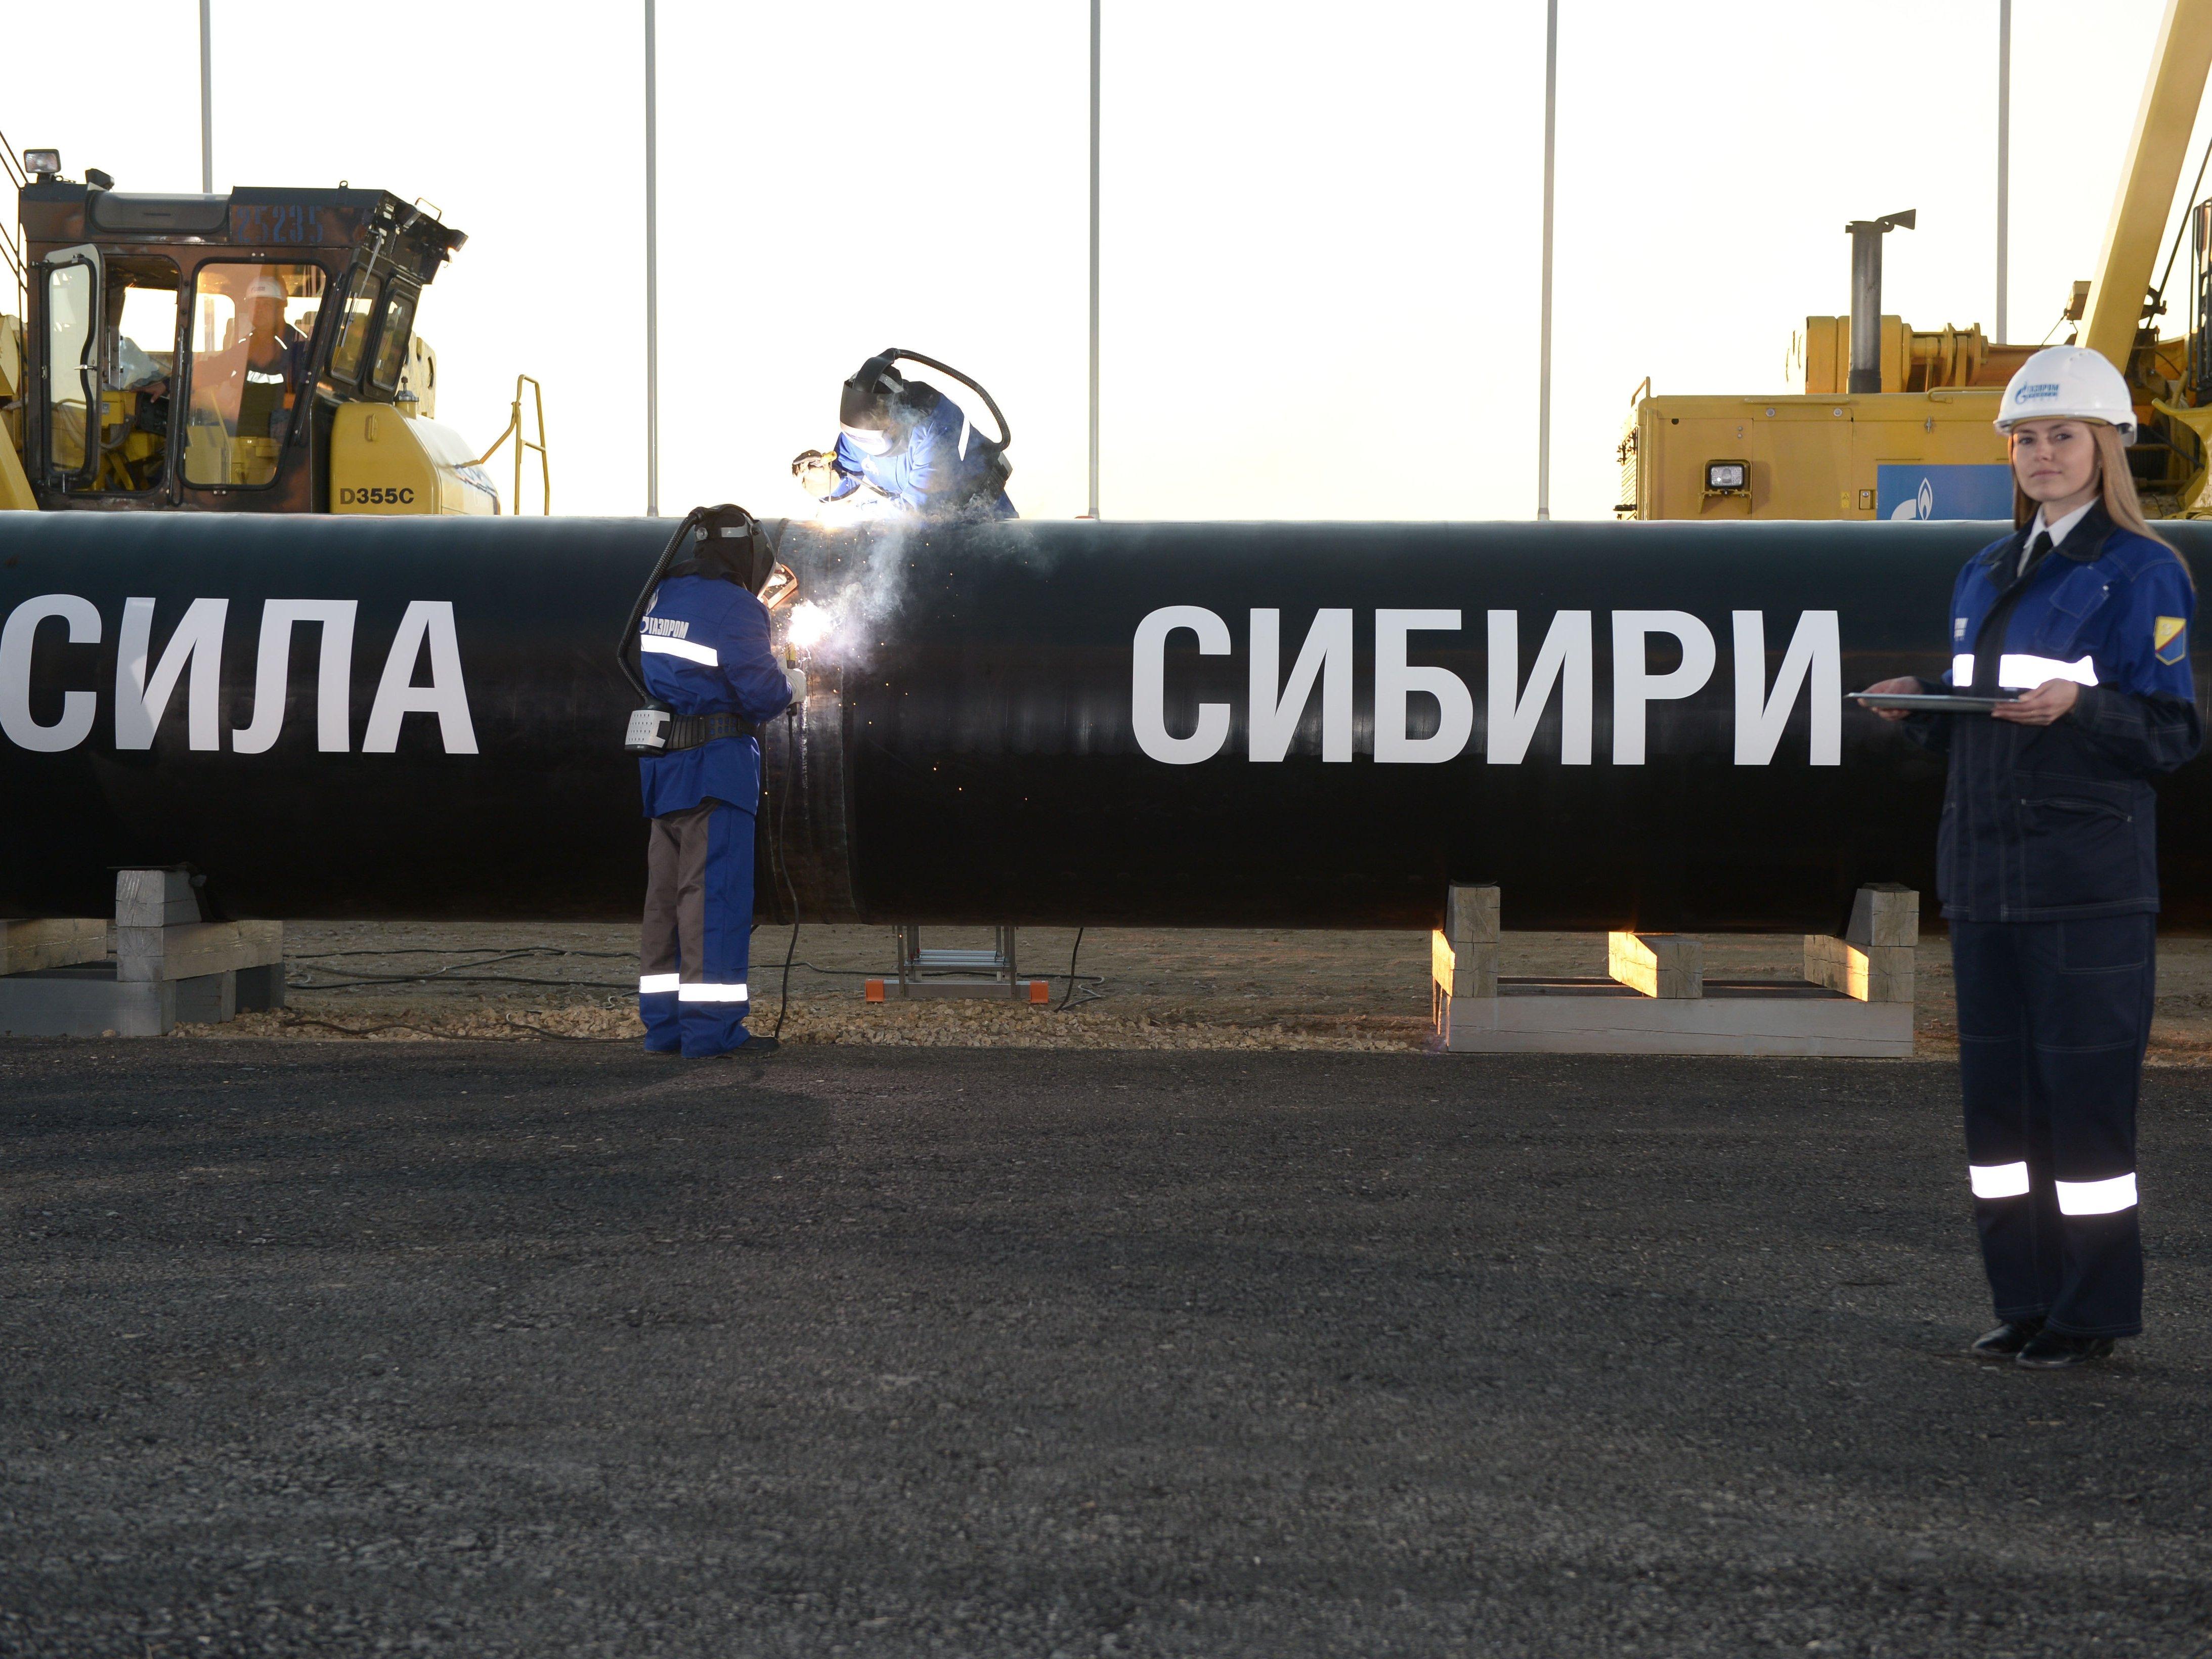 Победителем 40 тендеров «Газпрома» стала компания, вкоторой работают 5 человек